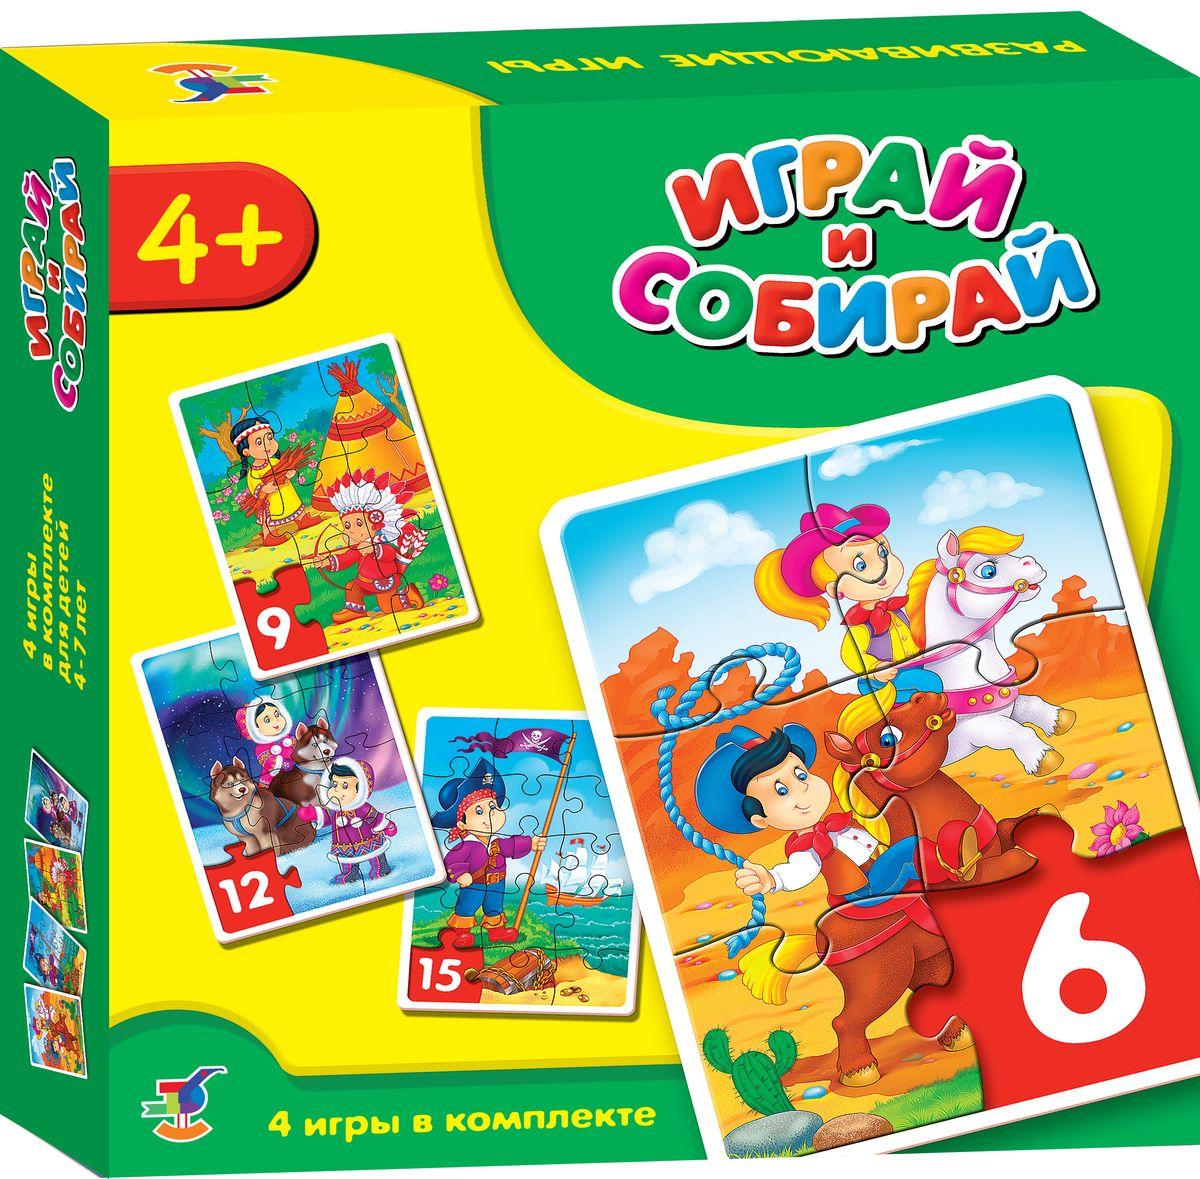 Дрофа-Медиа Пазл для малышей Играй и собирай 29392939Игры представляют собой комплекты из четырёх пазловых картинок, состоящих из 6, 9, 12 и 15 элементов. Помогут в развитии наглядно-образного мышления, памяти, внимания, мелкой моторики рук и усидчивости.